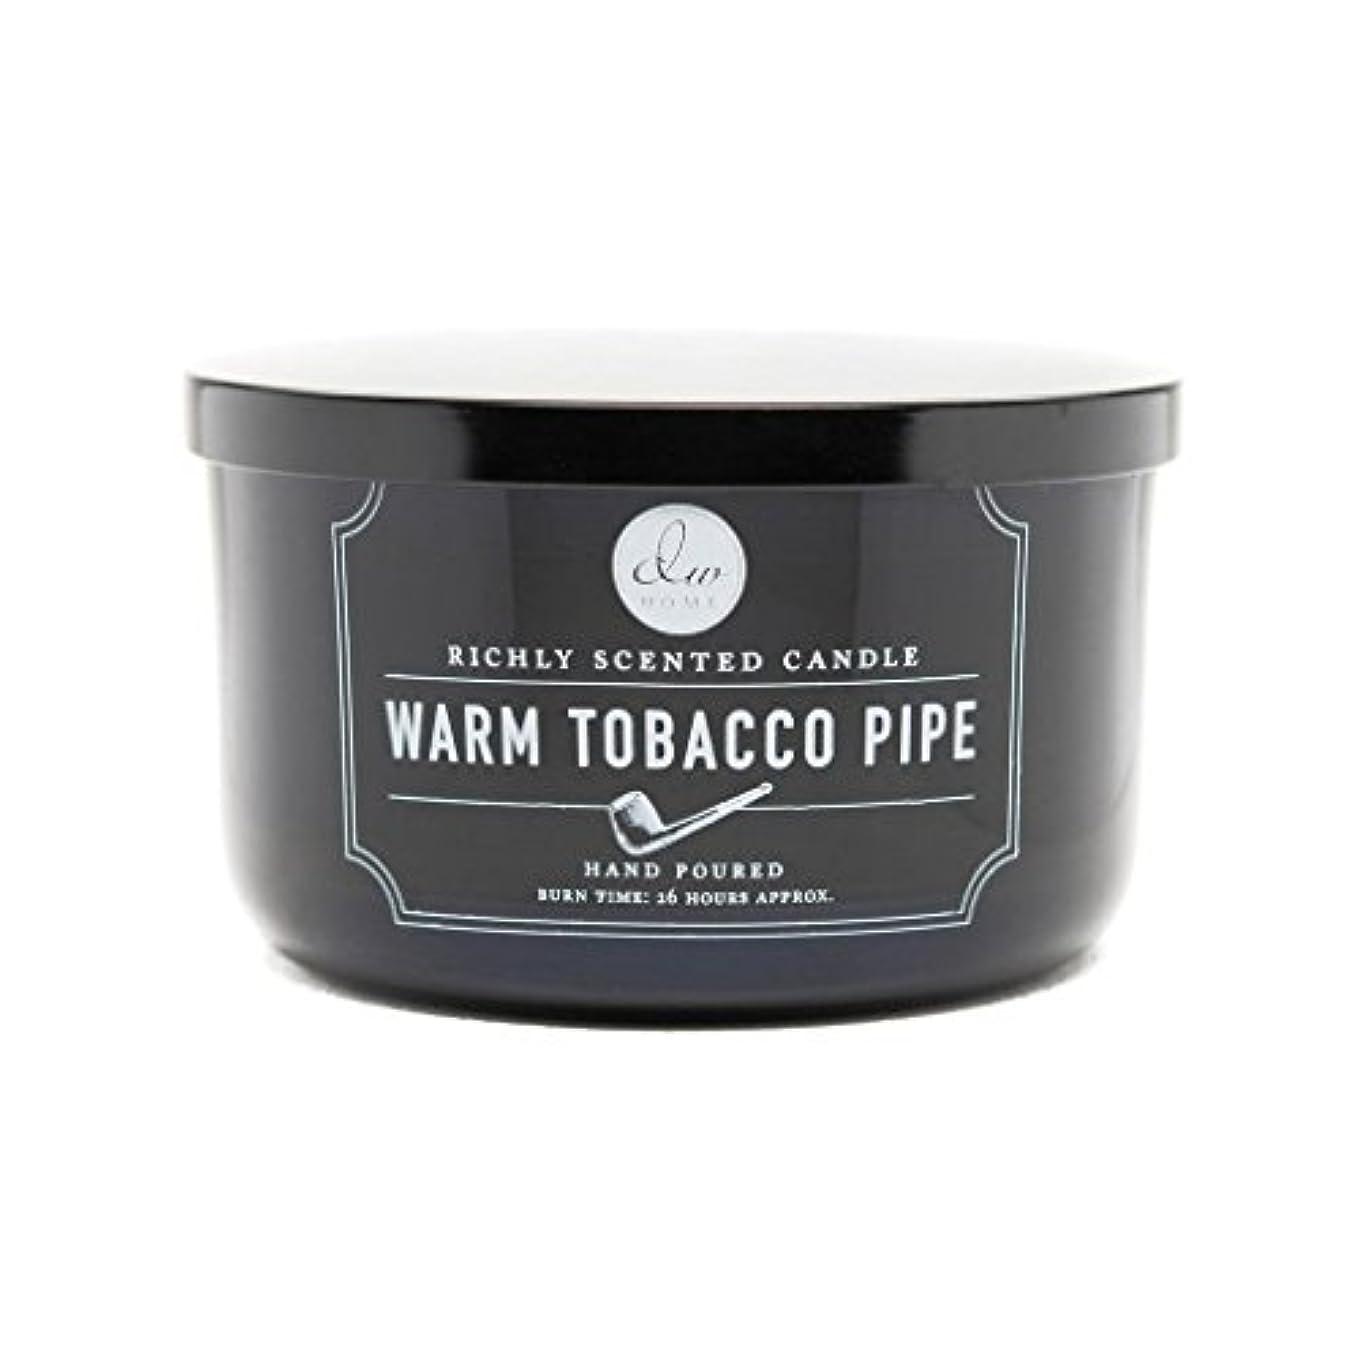 確率崇拝する高原Decoware Richly Scented Warm Tobacco Pipe 3-Wick Candle 13.8 Oz. In Glass by Decoware